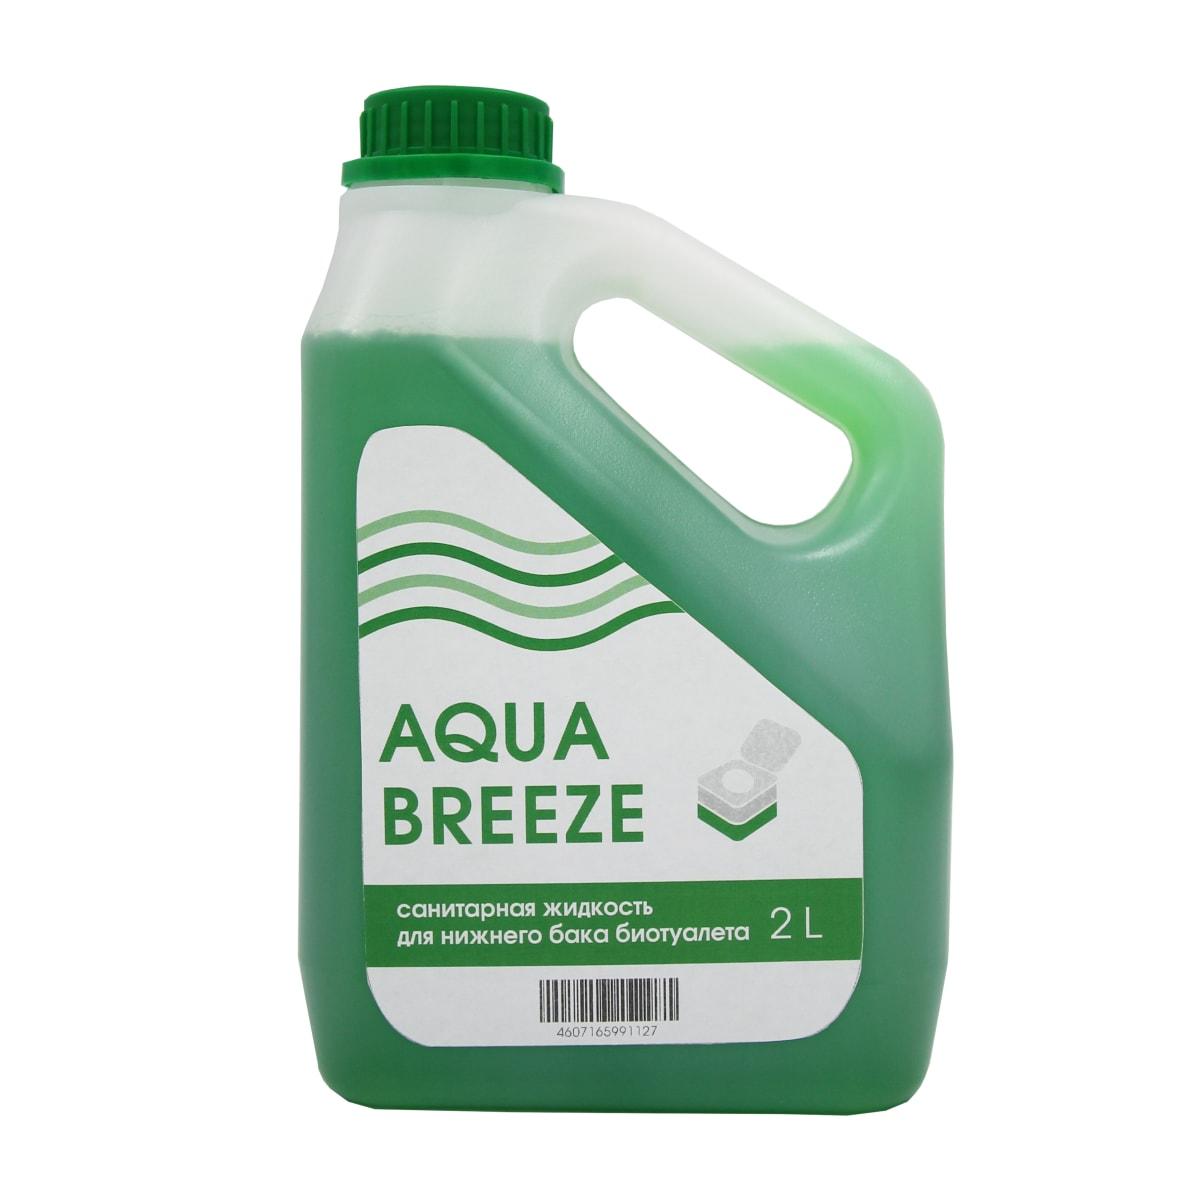 Санитарная жидкость Aquabreeze для нижнего бака, 2 л